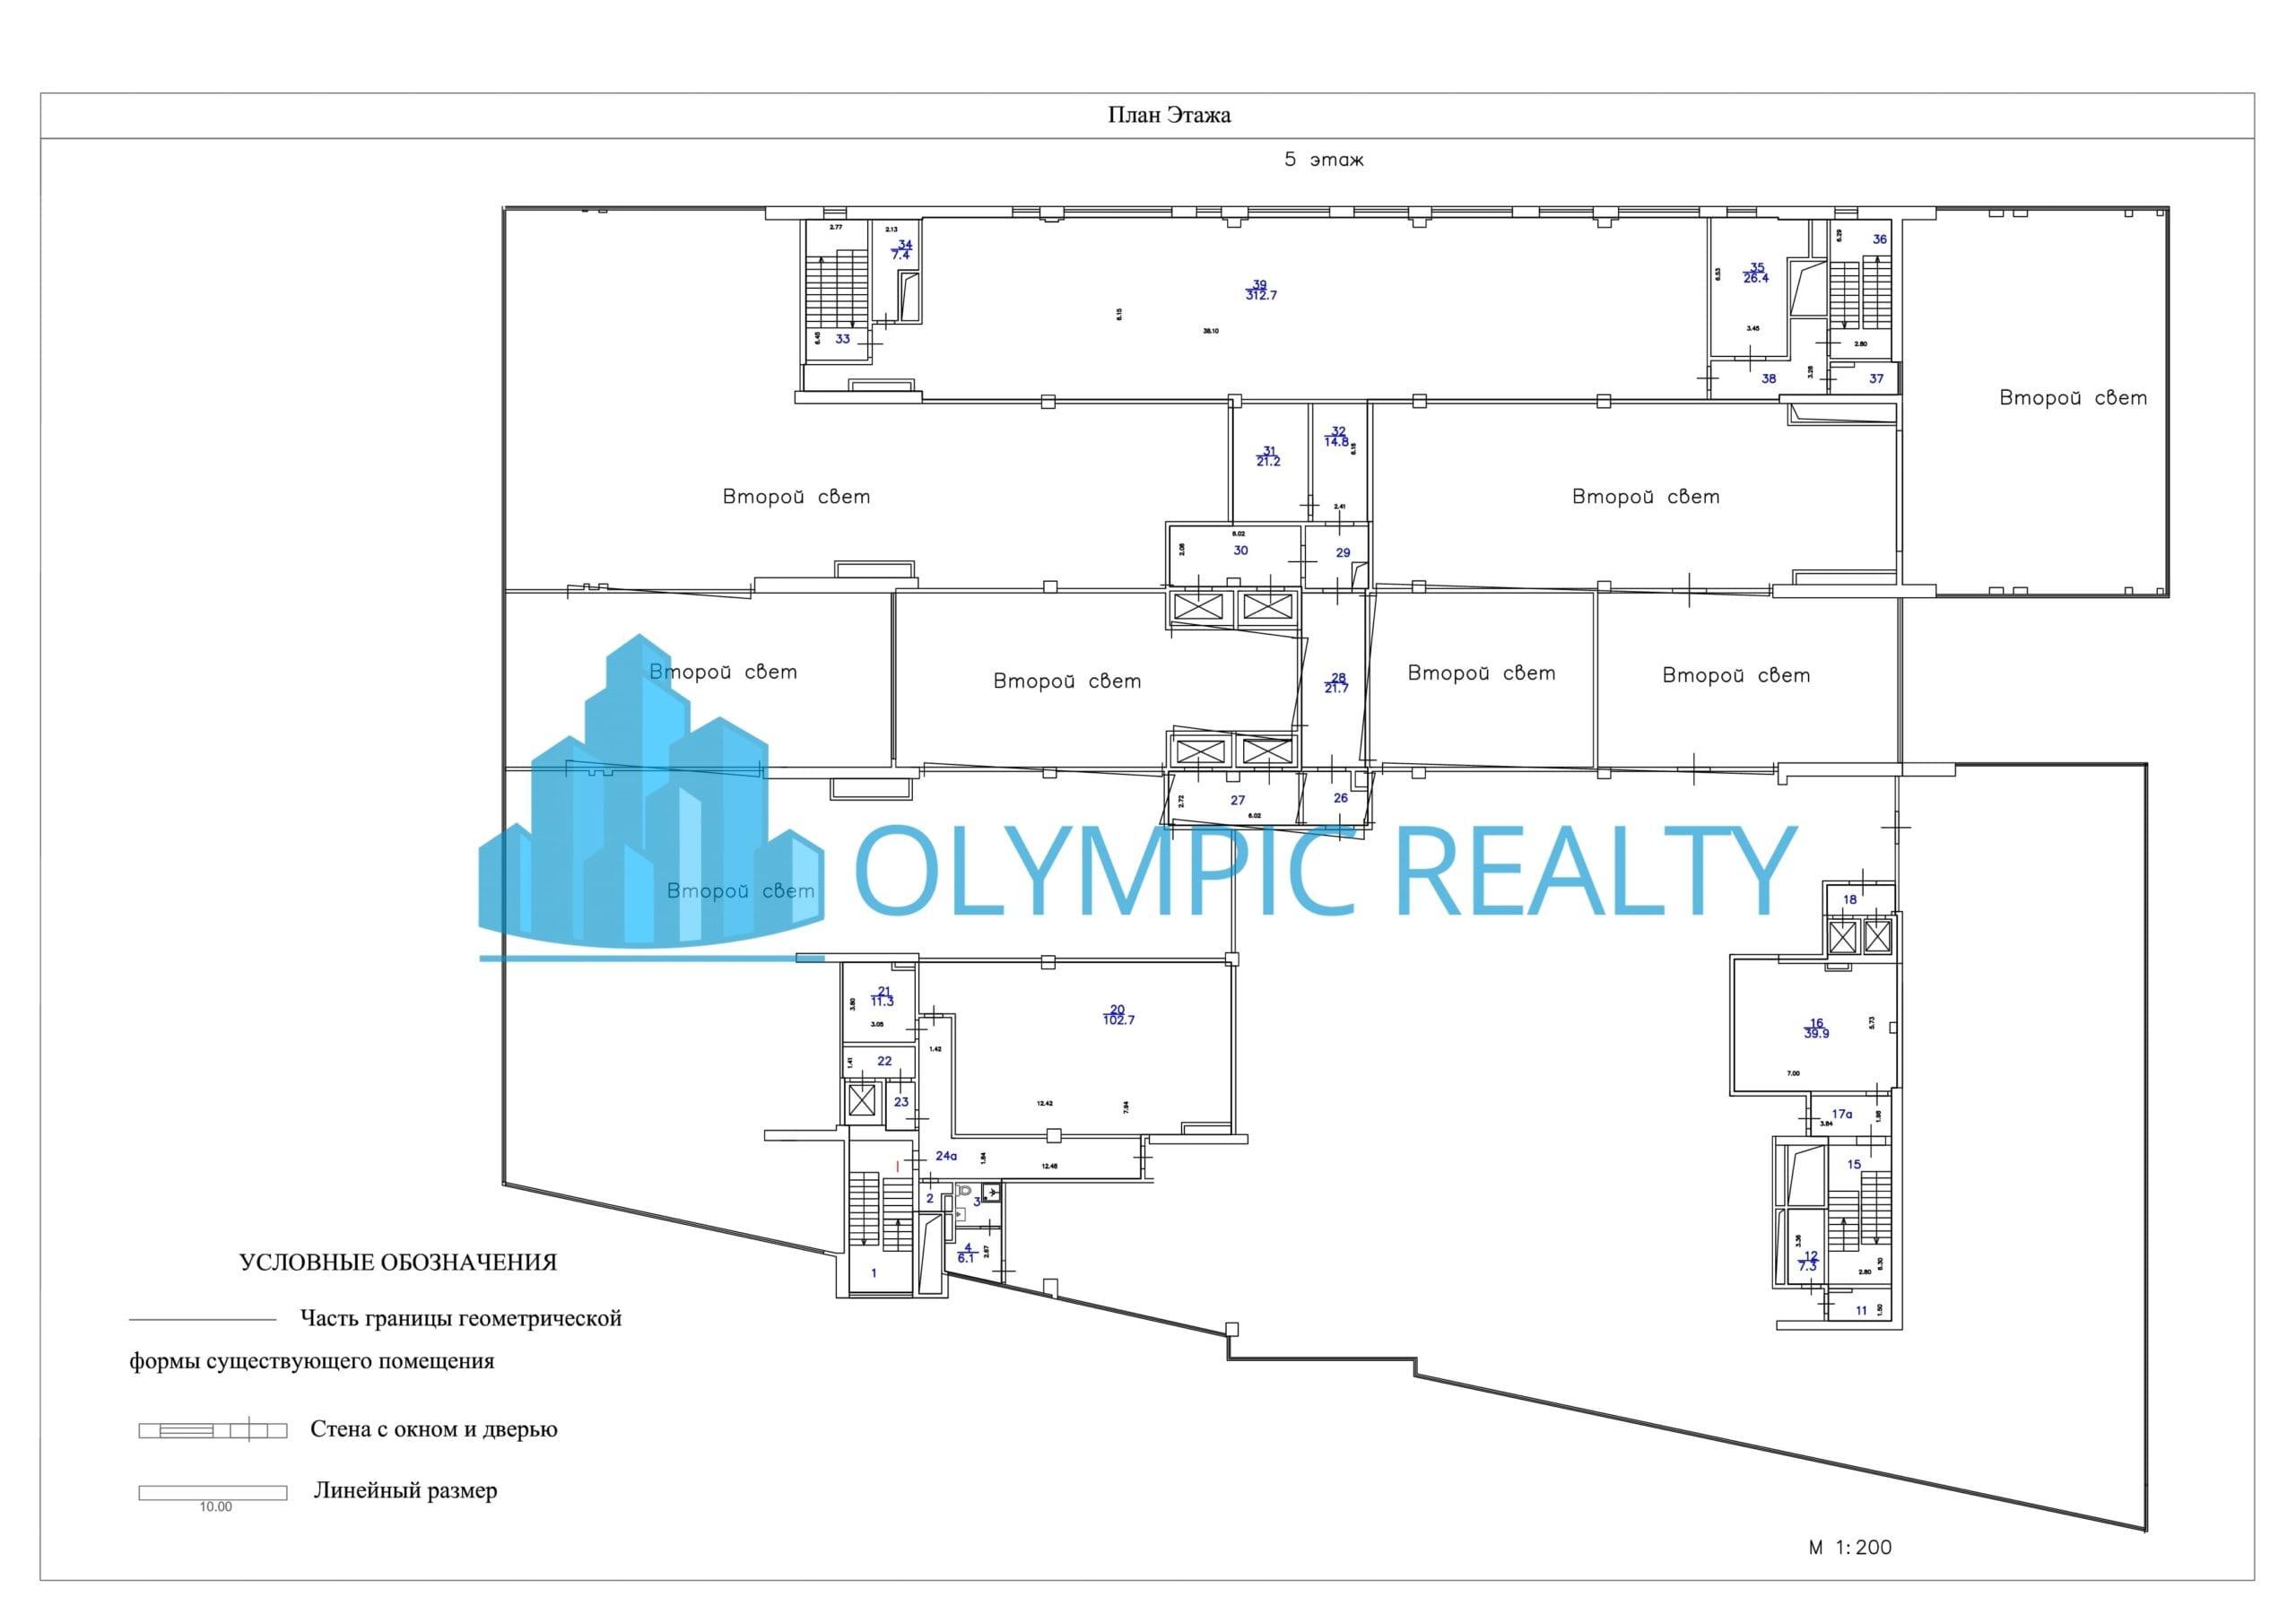 6 этаж - Олимпик Холл